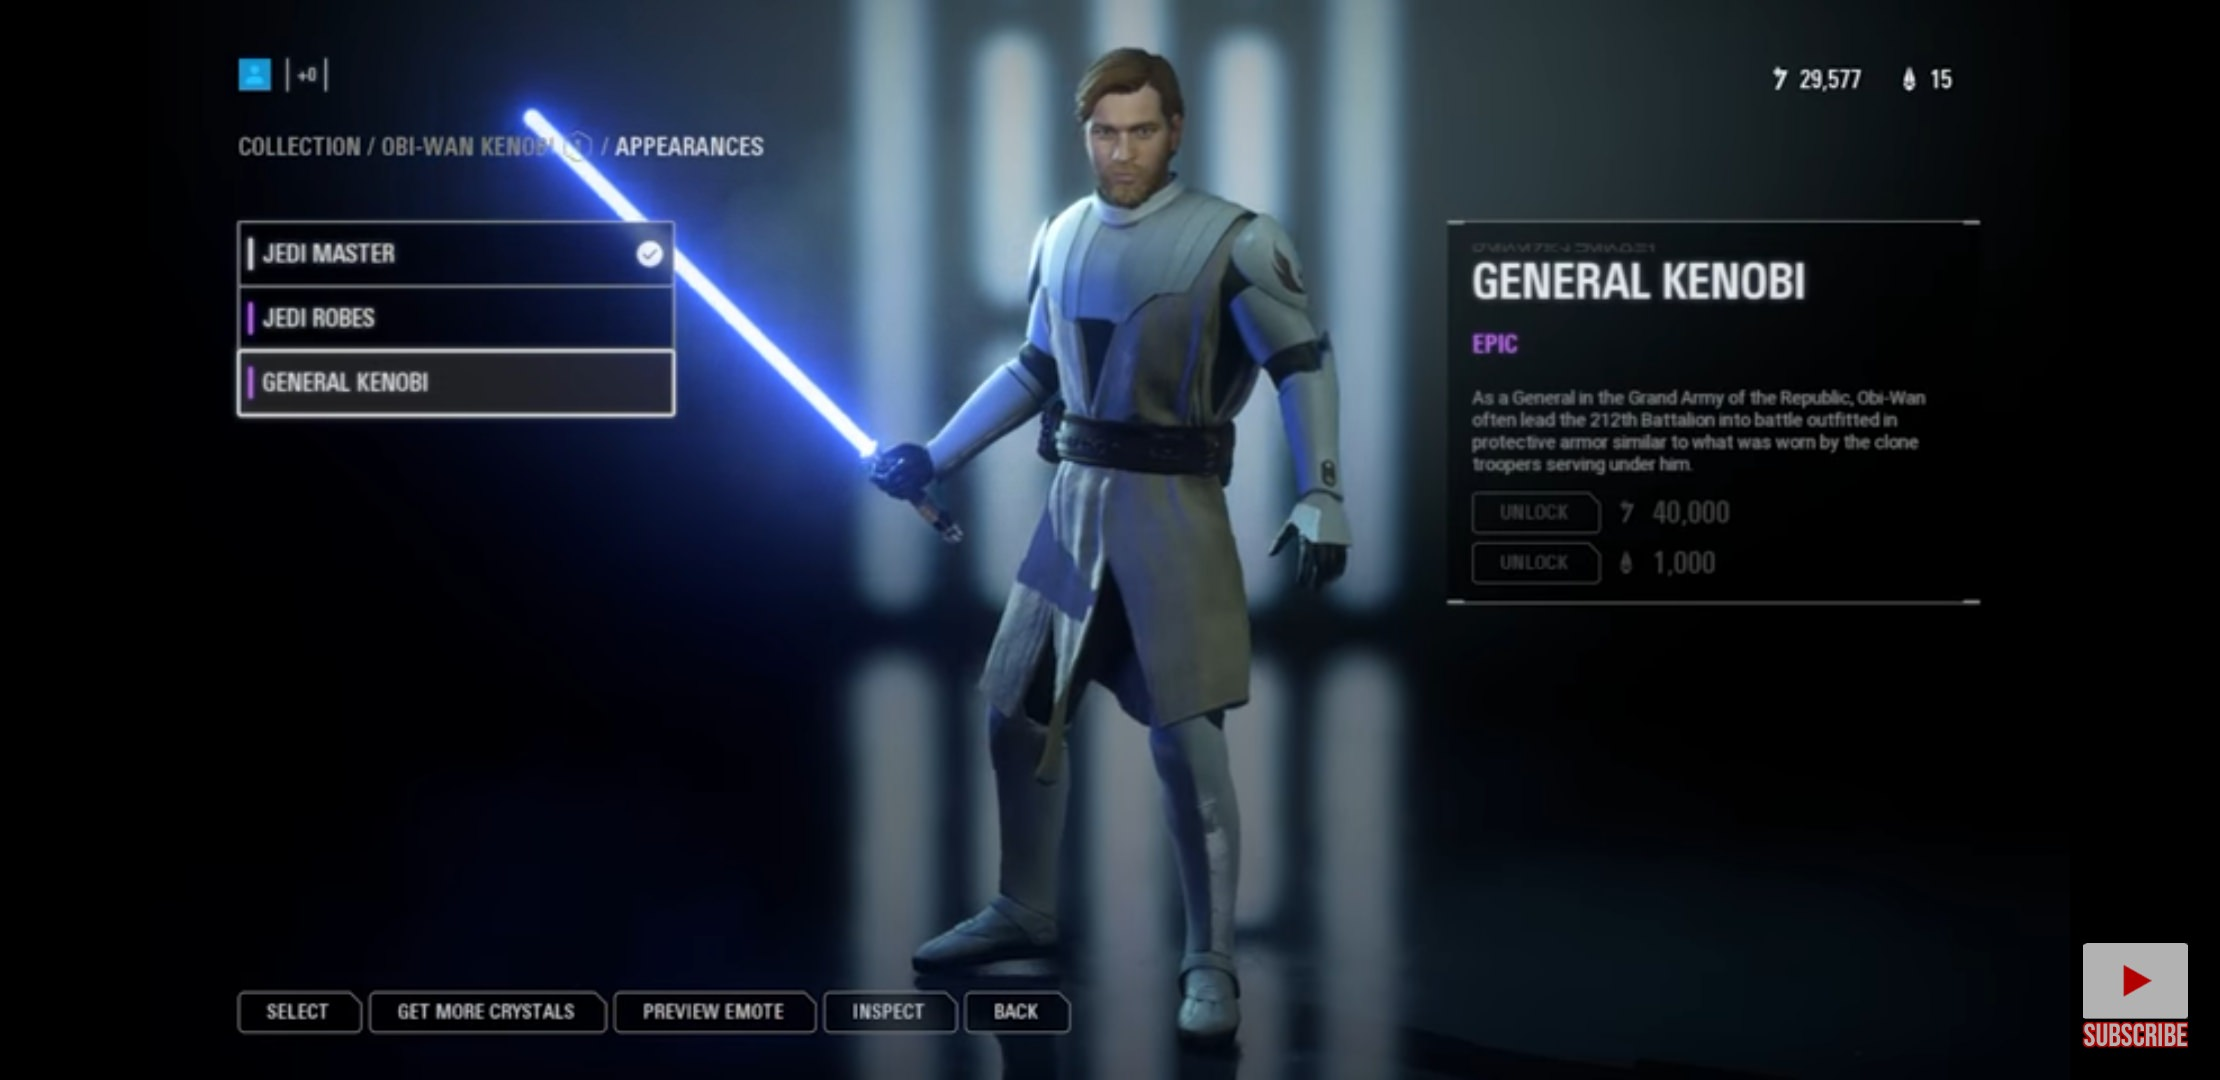 Battlefront 2 General Kenobi appearance